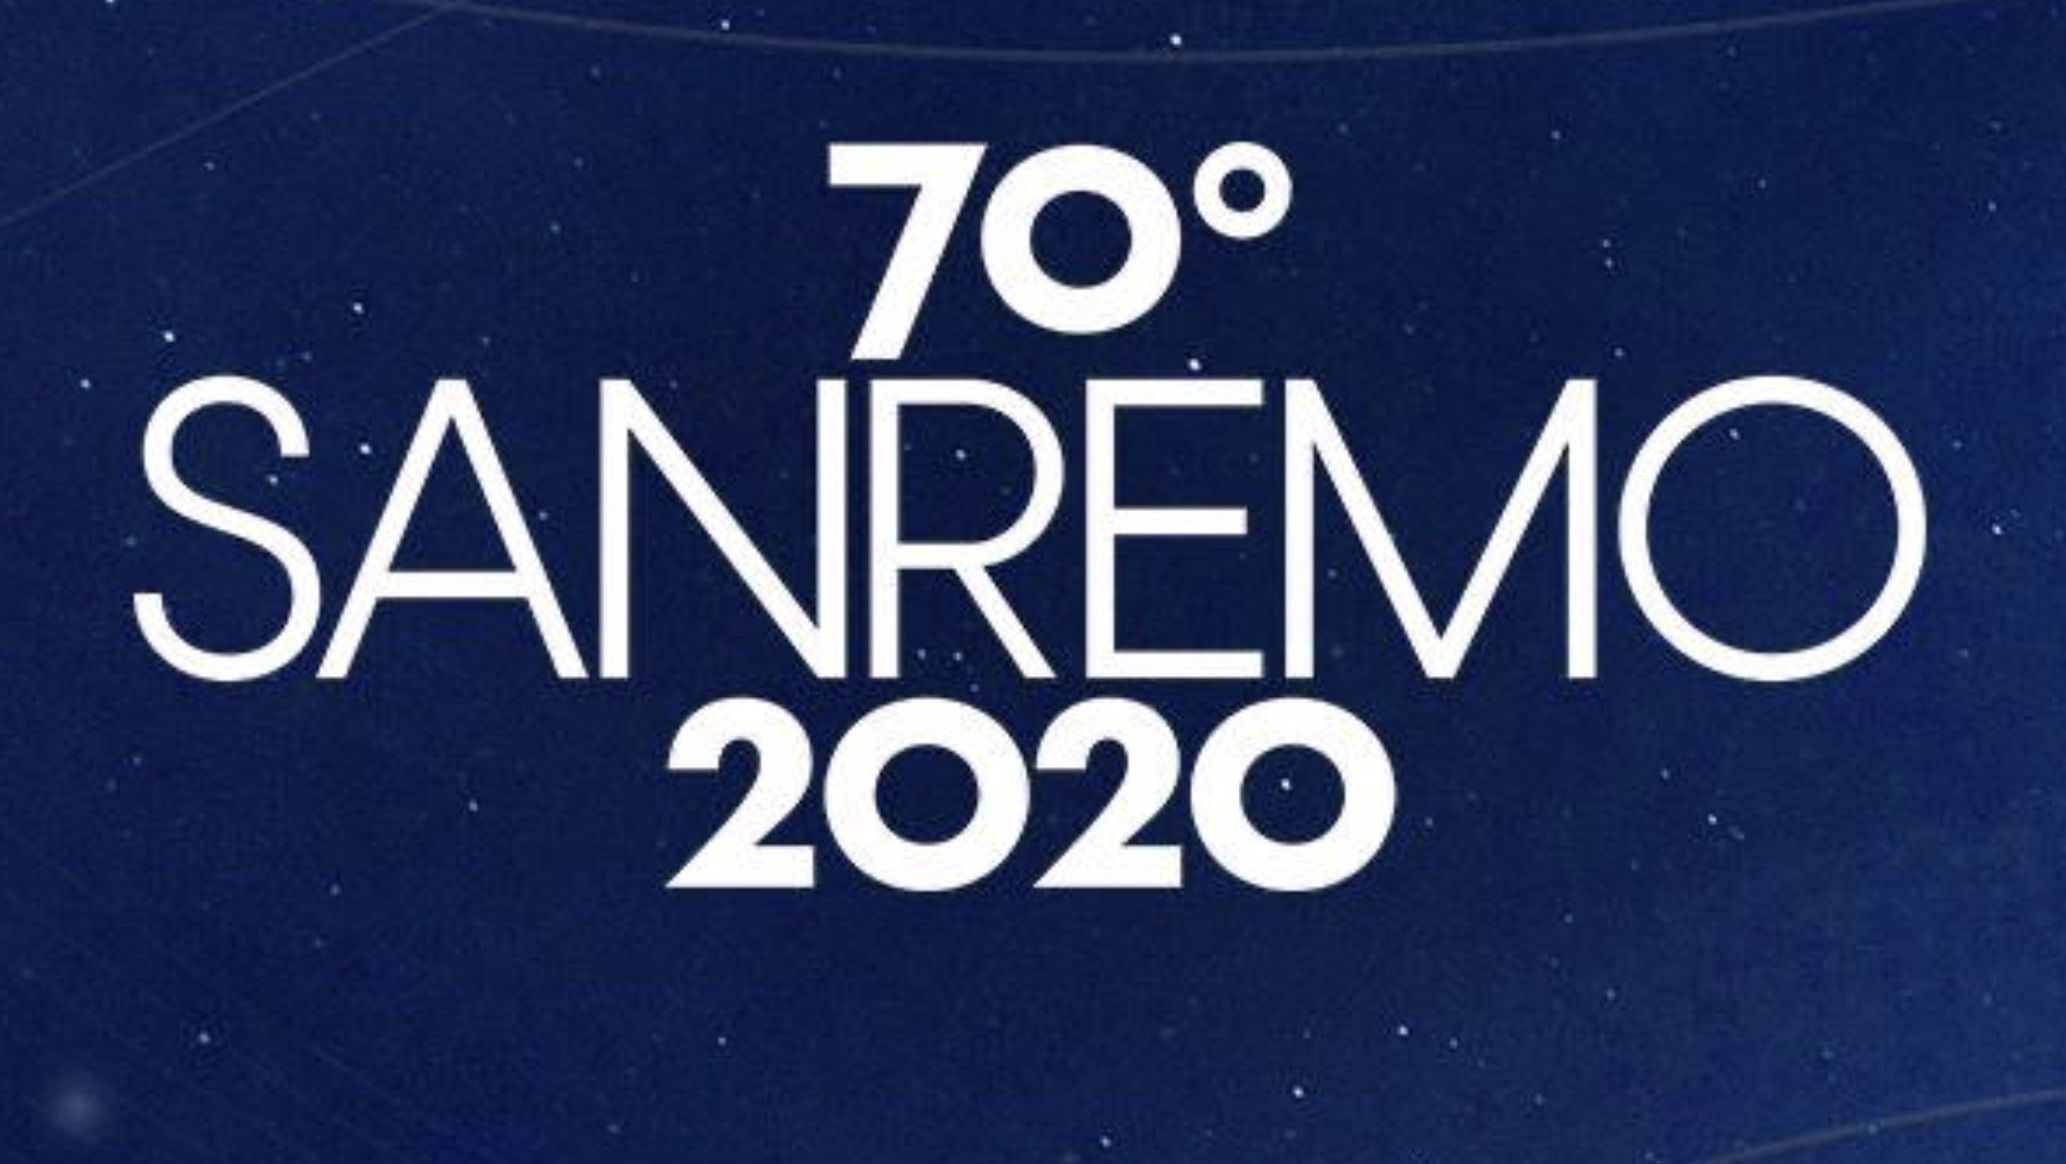 Prima puntata Festival Sanremo 2020 : Ospiti Tiziano Ferro e Albano, tutti i cantanti in gara